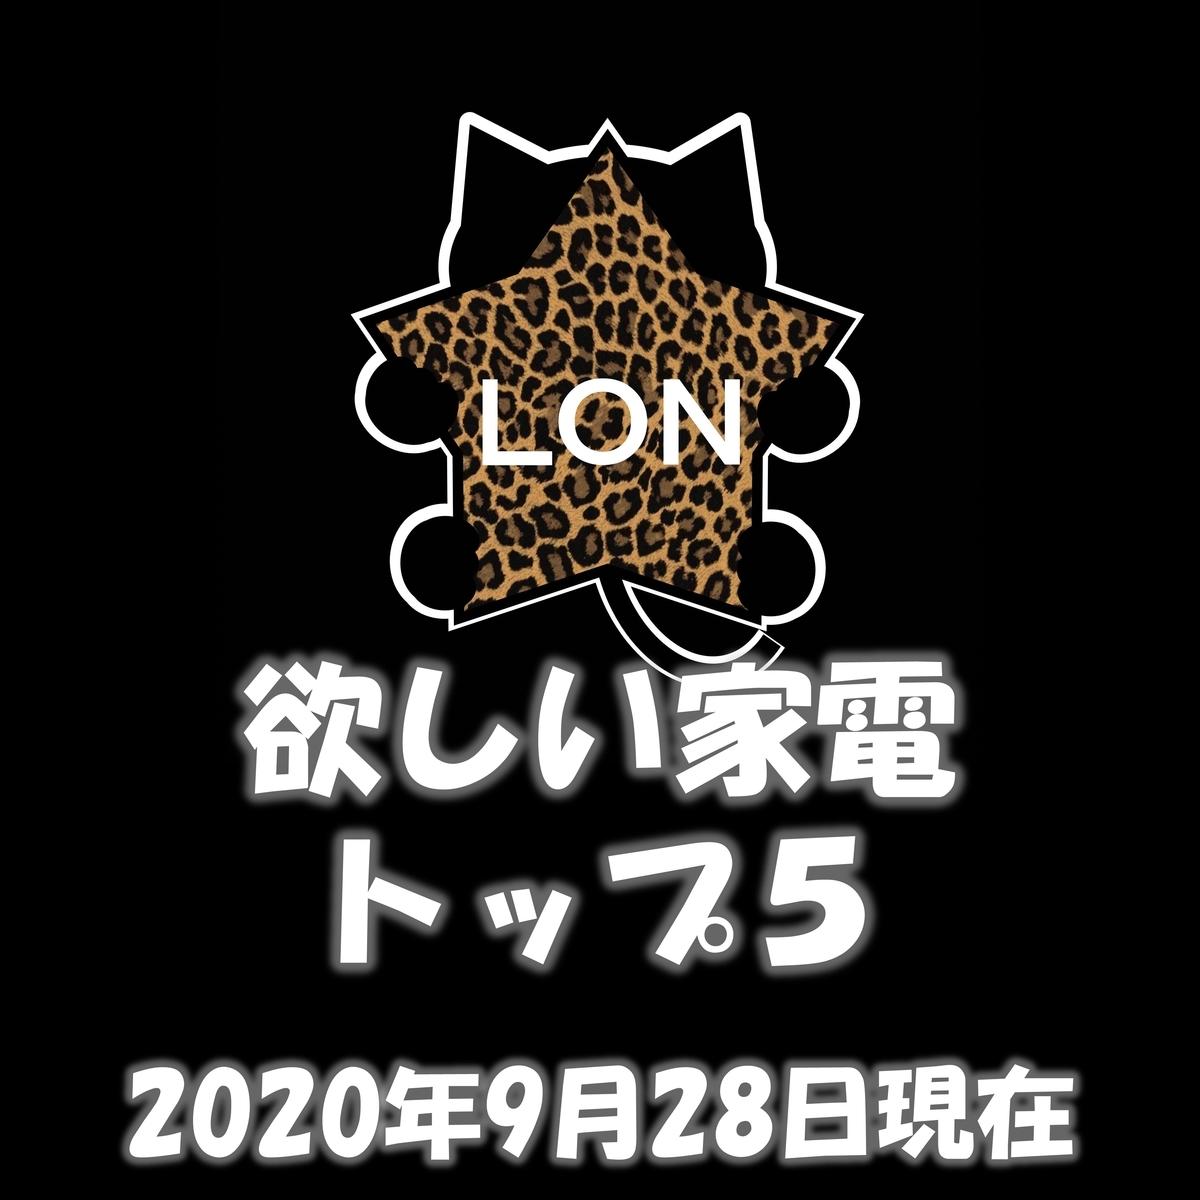 f:id:lon_blackcat:20200928234748j:plain